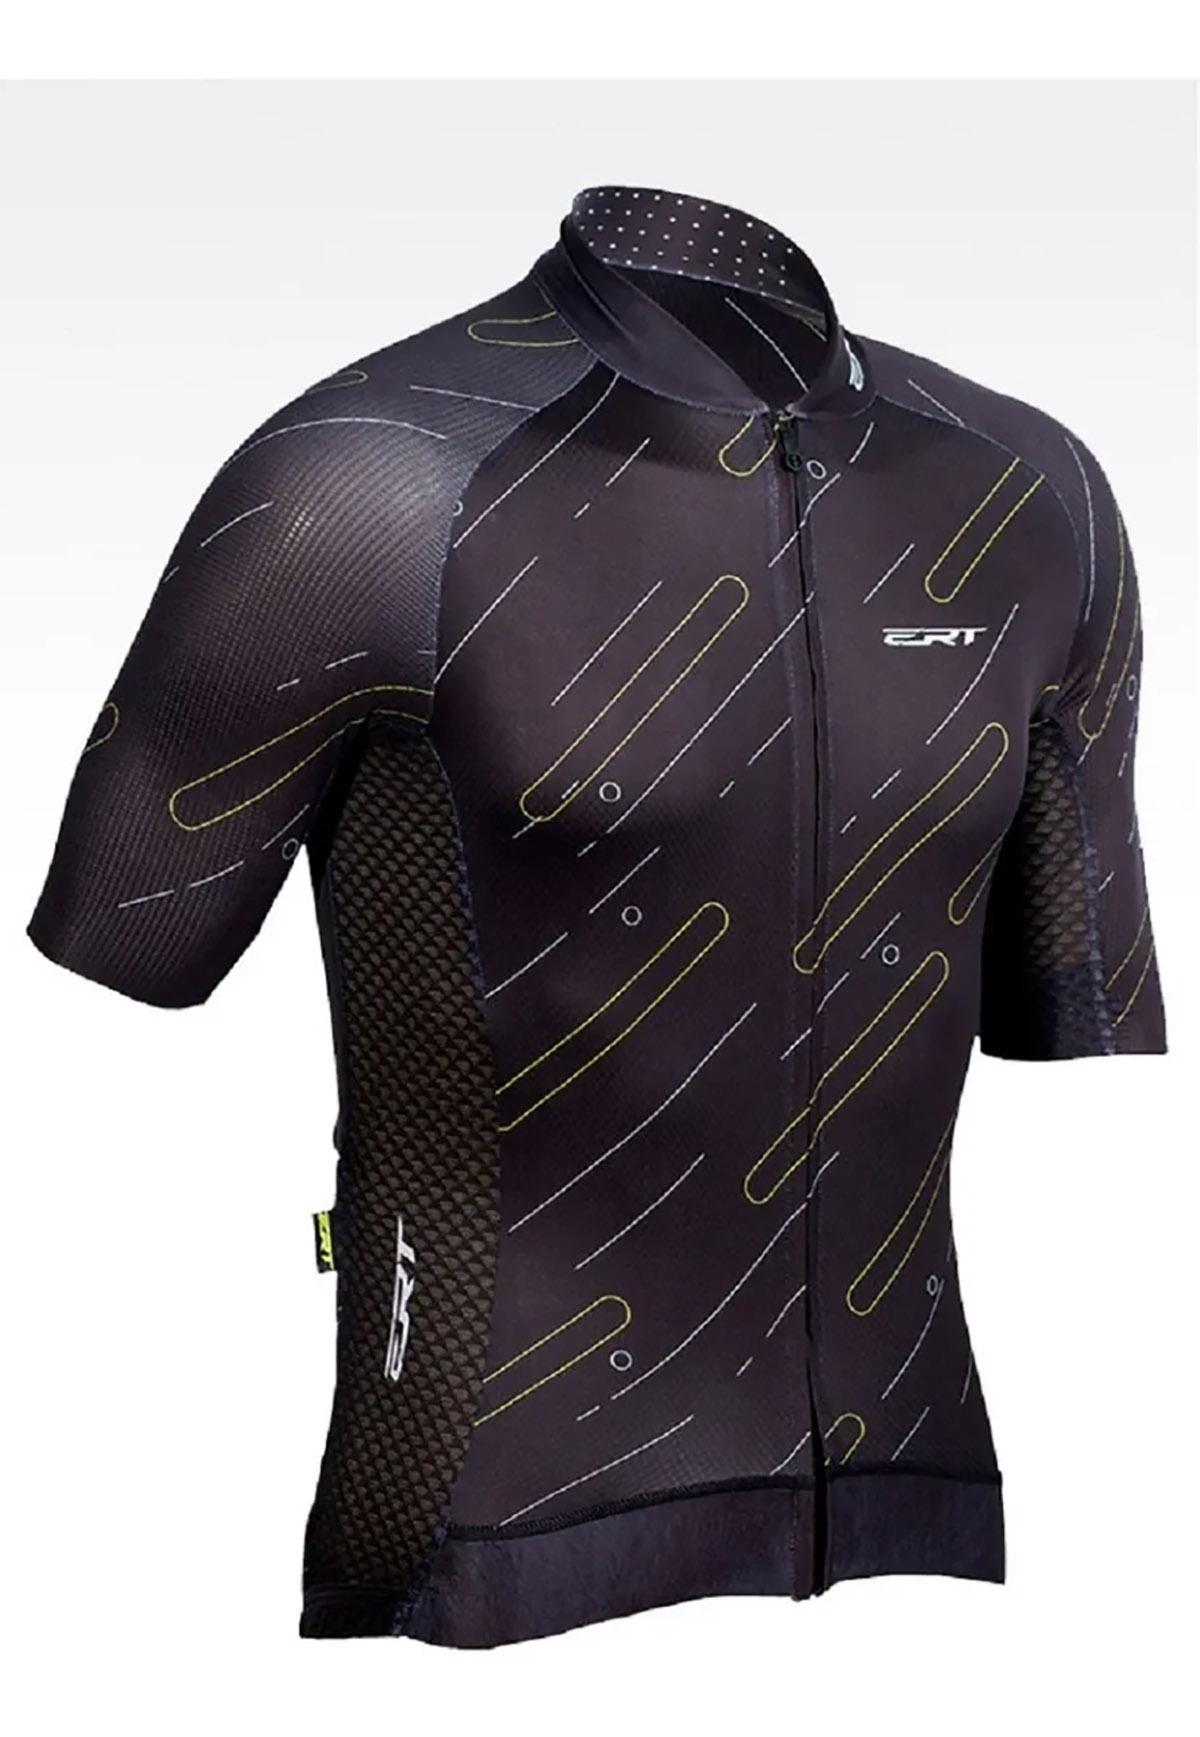 Camisa Ciclismo Black Premium Modelagem Slim - ERT